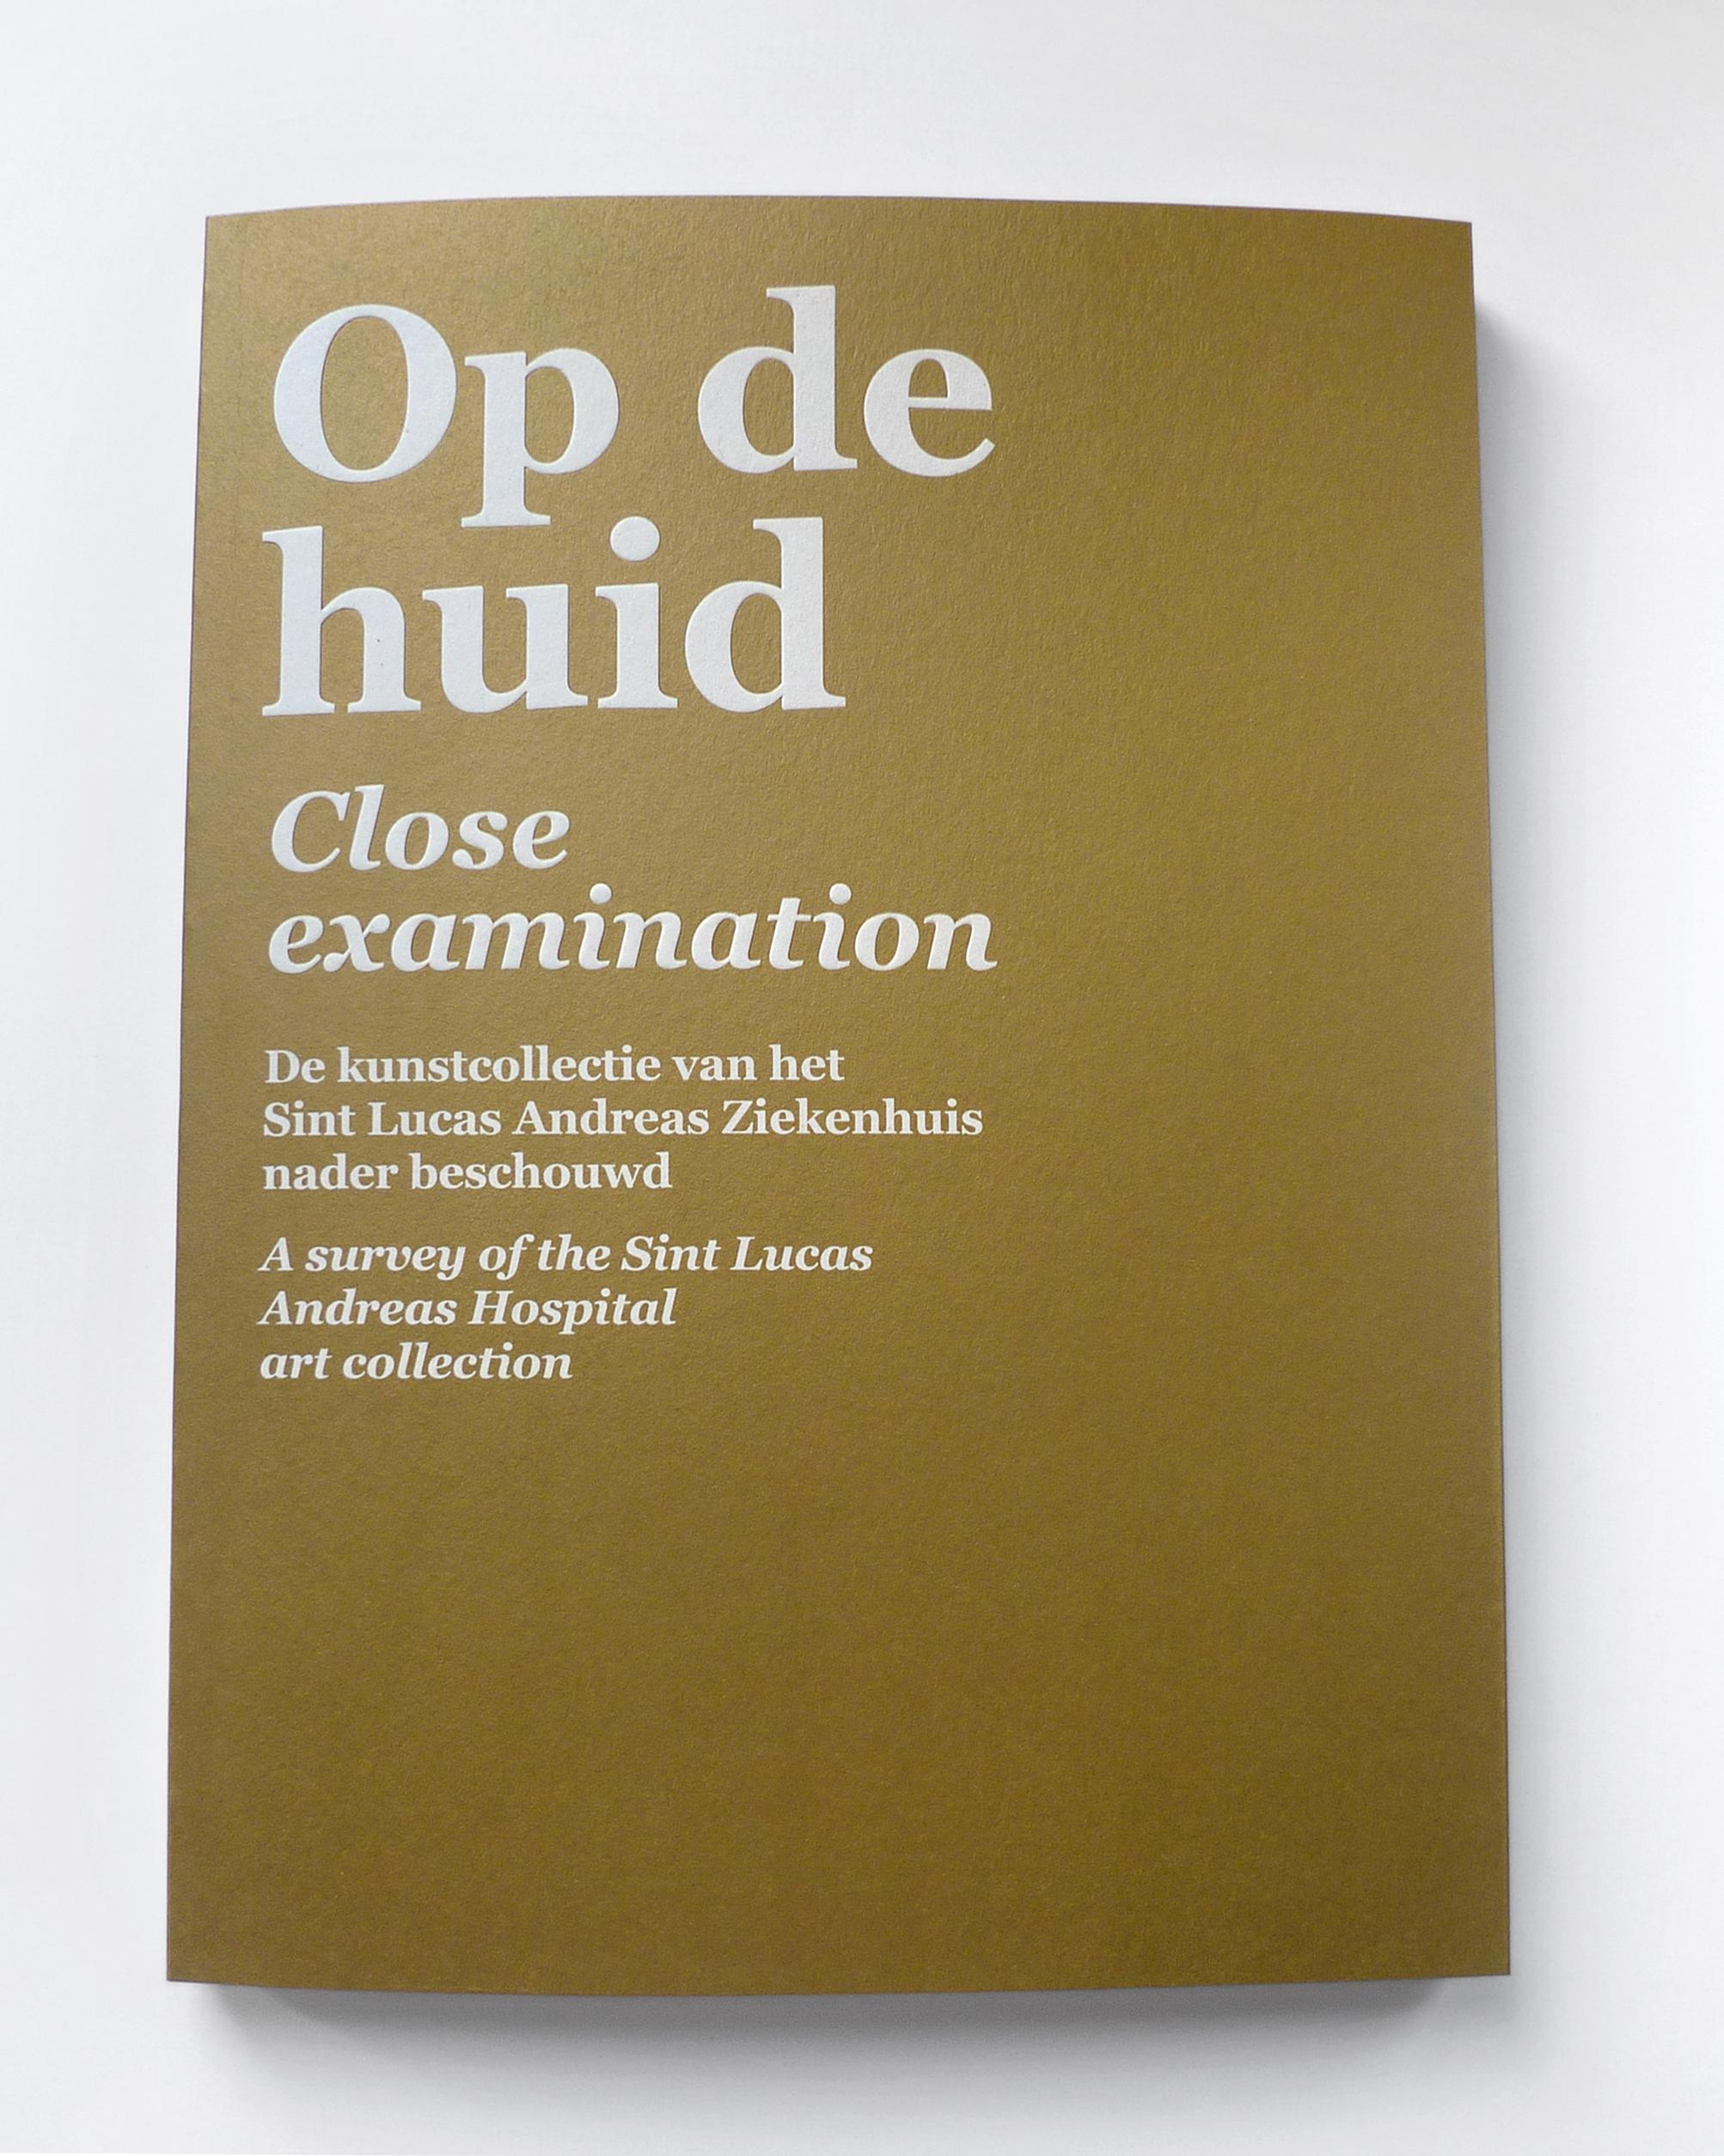 studio_colorado-op_de_huid-cover